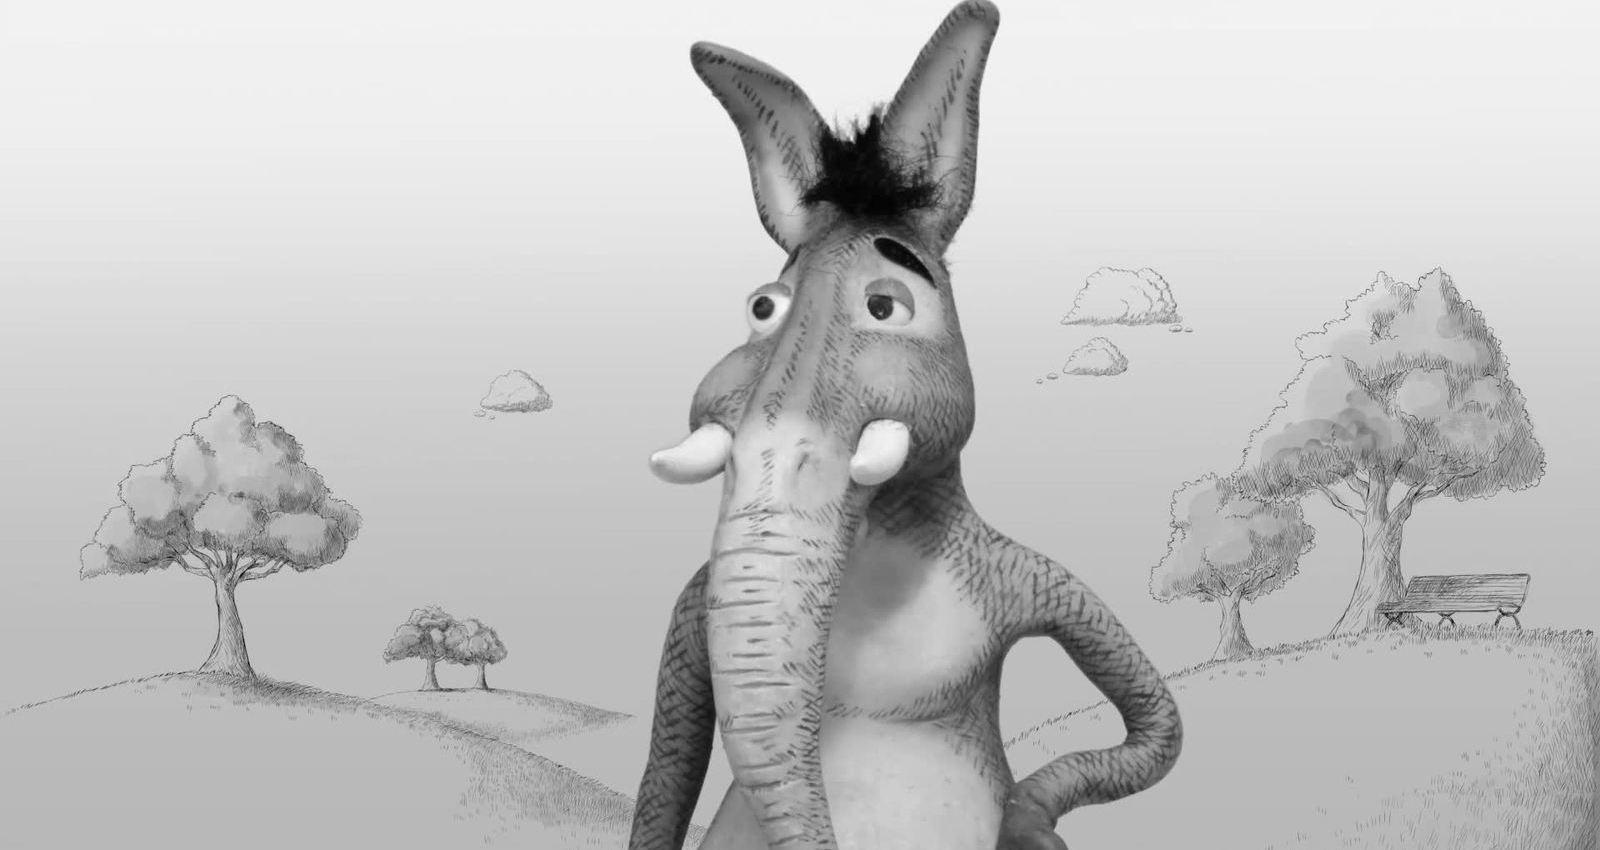 Donkey & Elephant